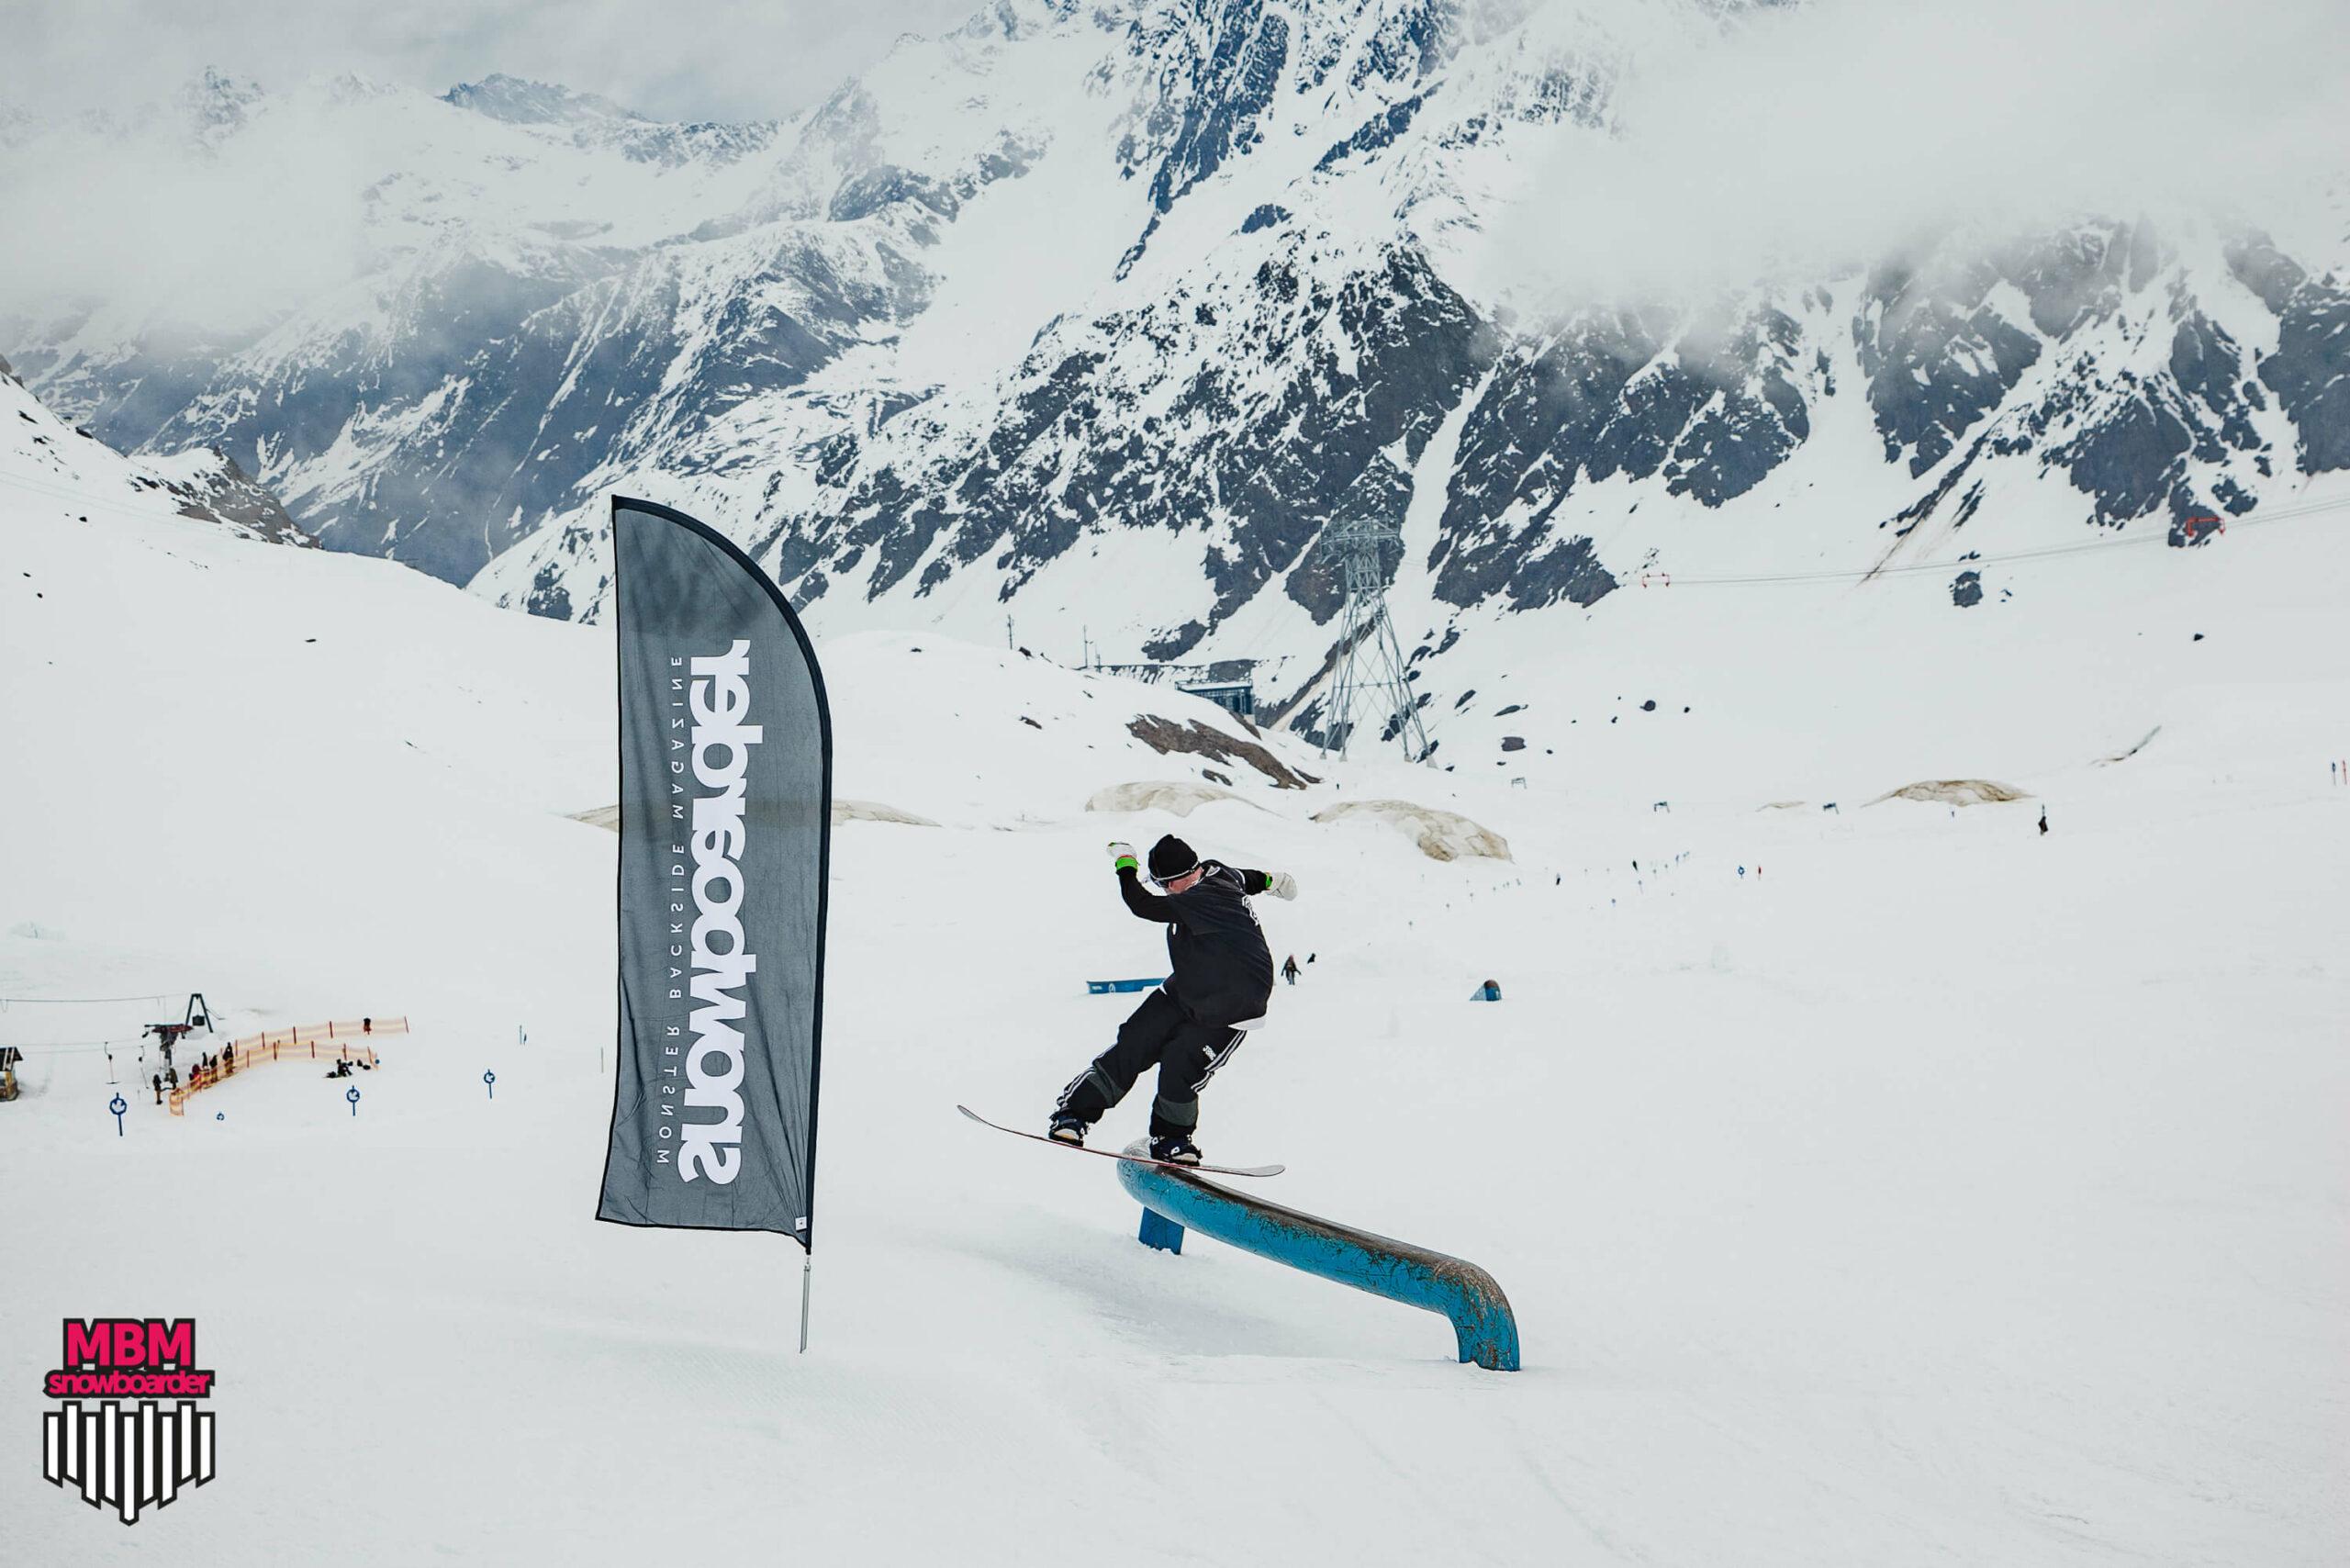 snowboarderMBM_sd_kaunertal_003